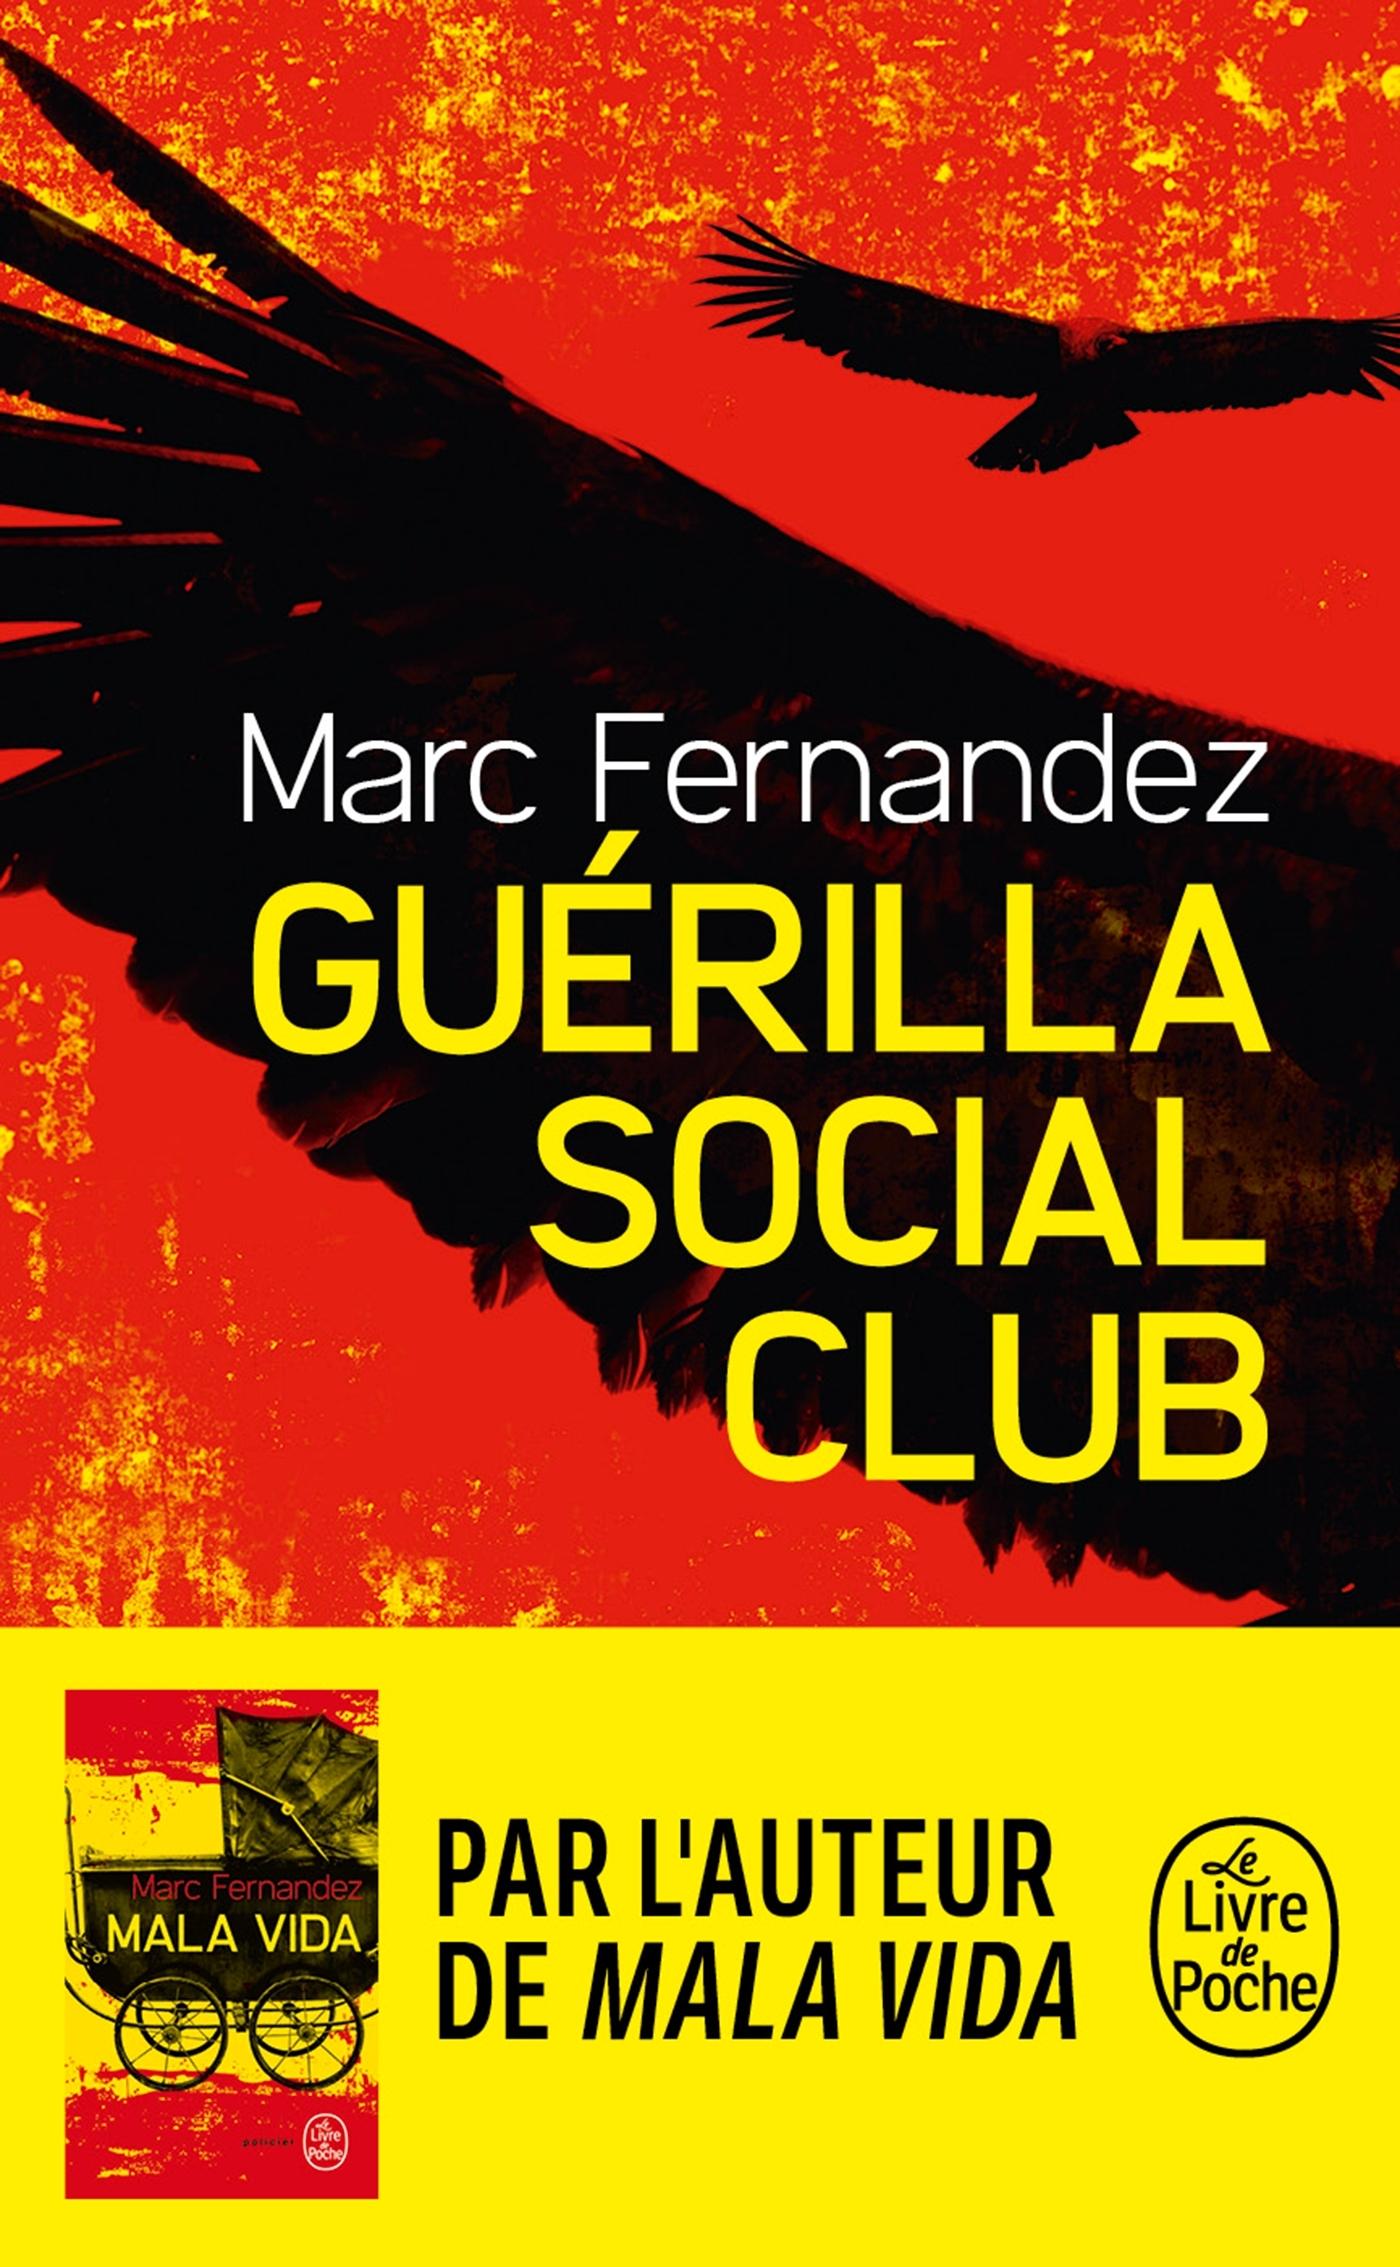 GUERILLA SOCIAL CLUB